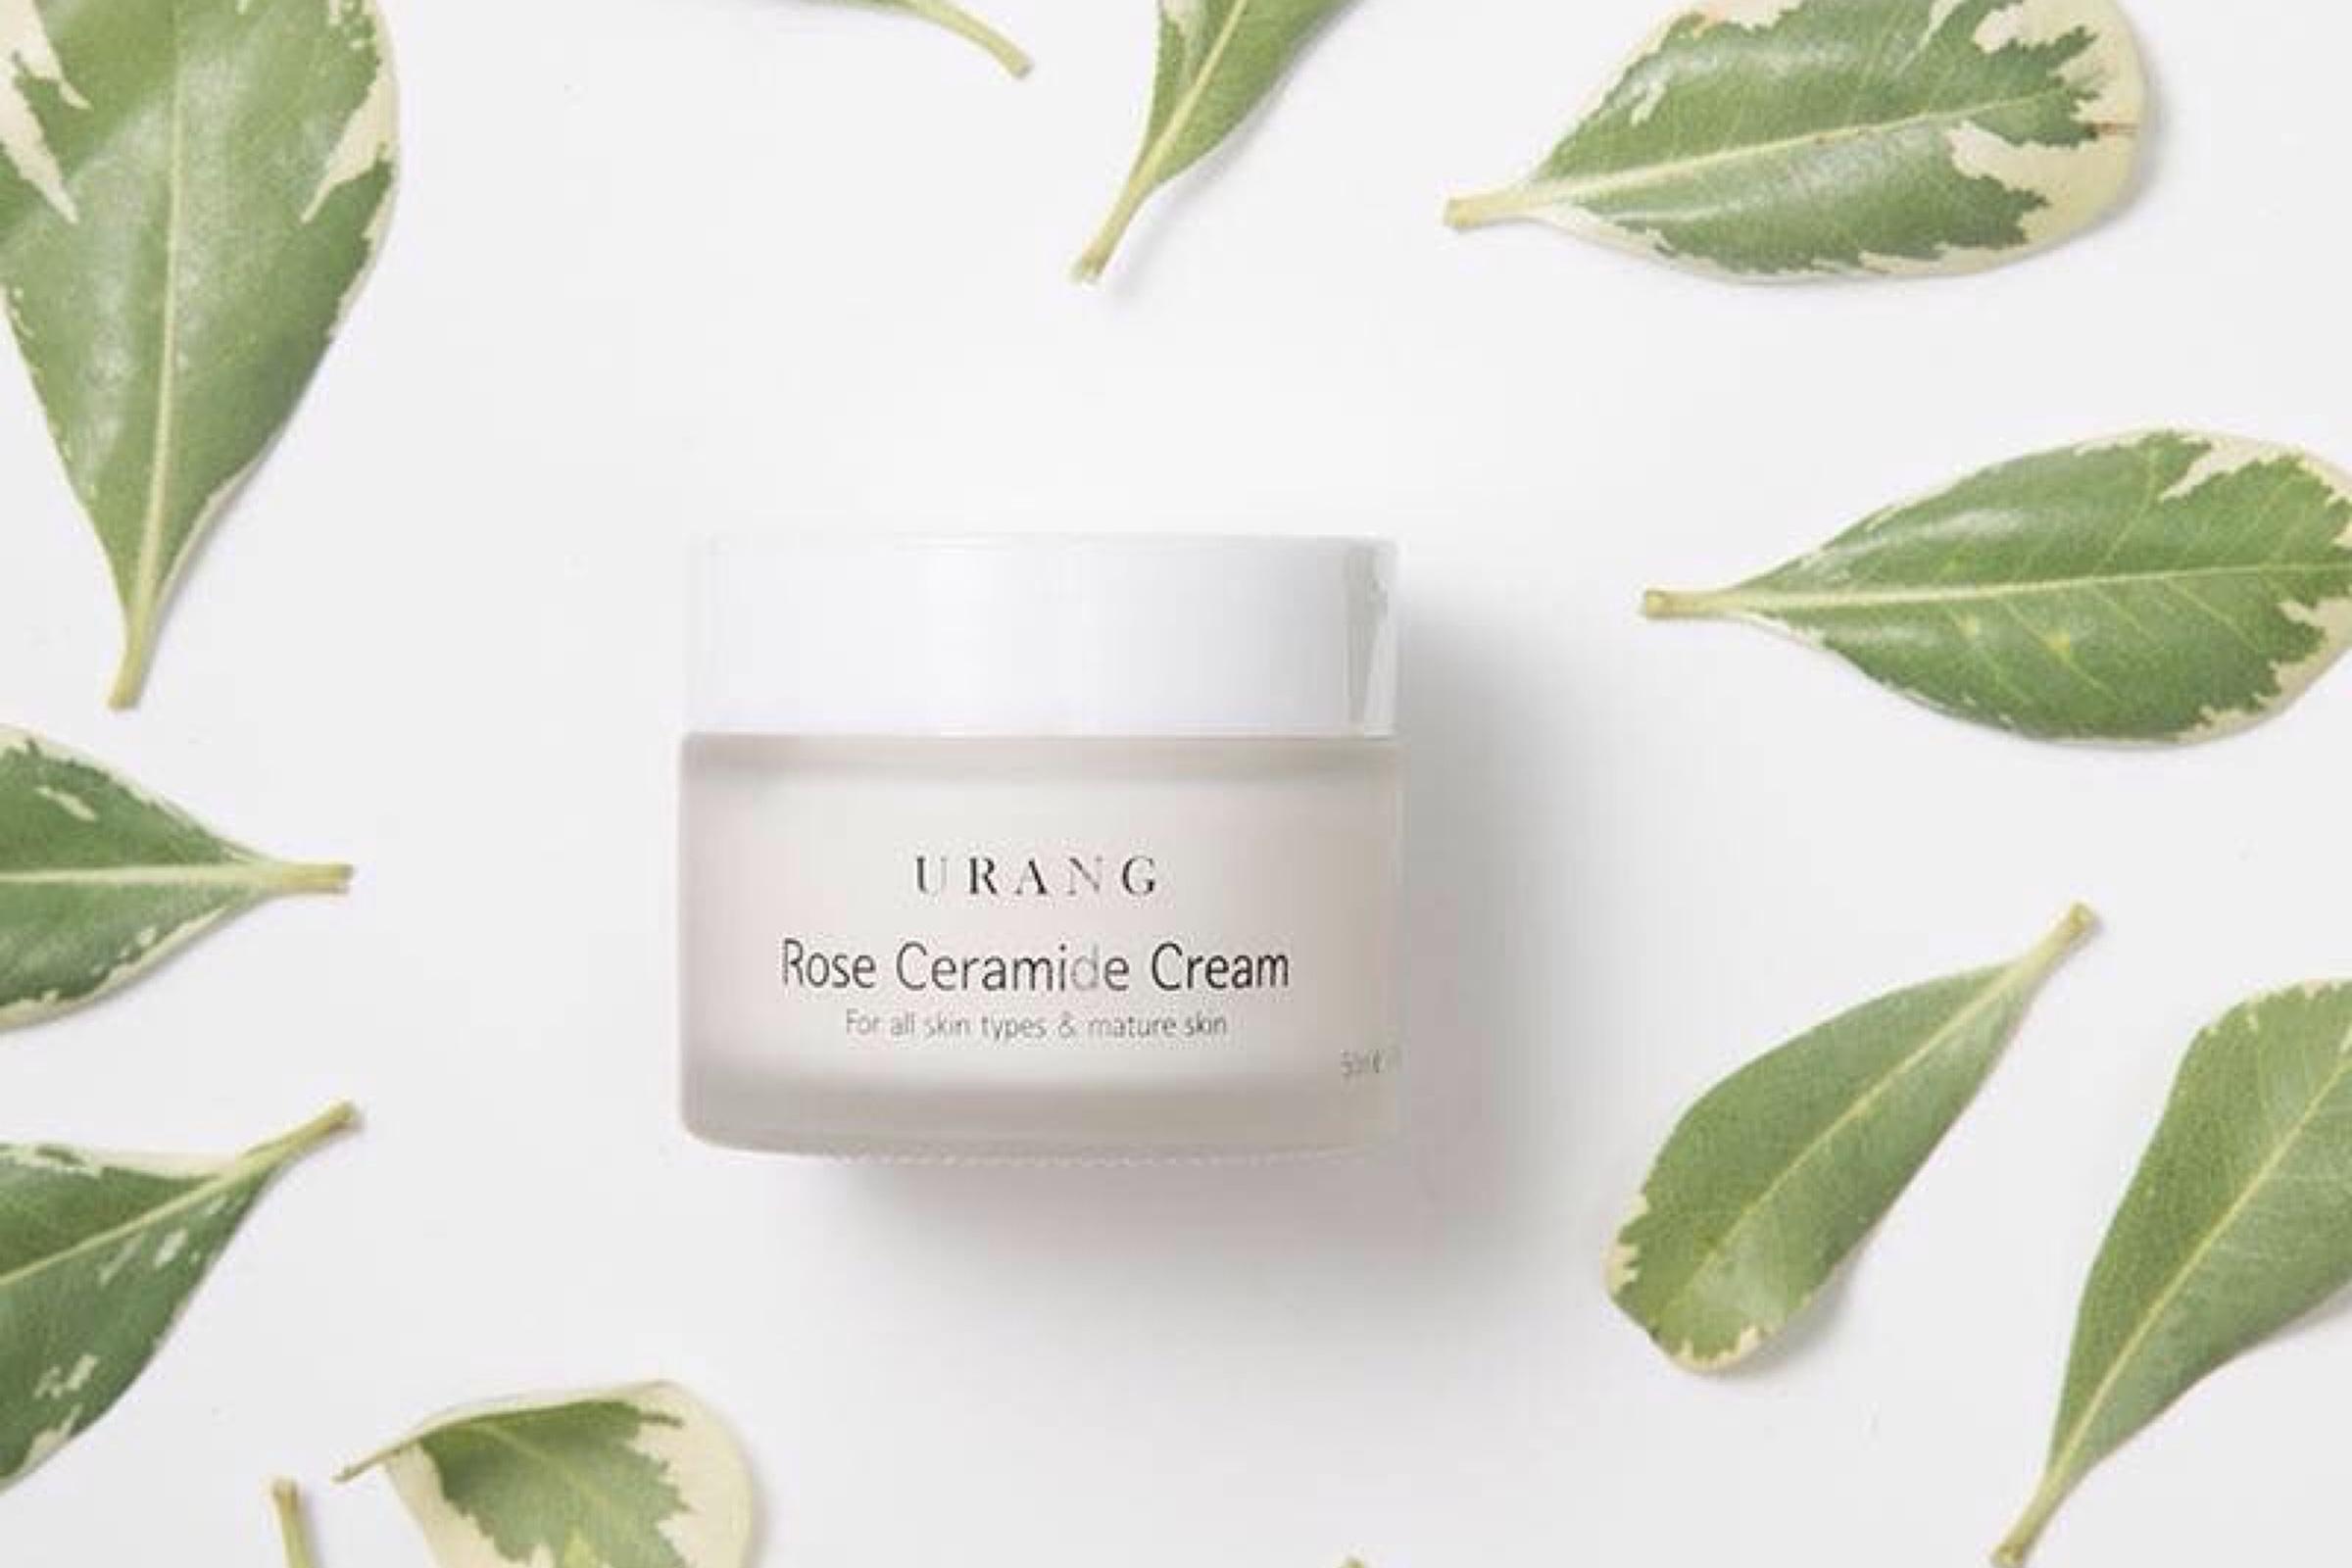 Moisture in Urang Rose Ceramide Cream